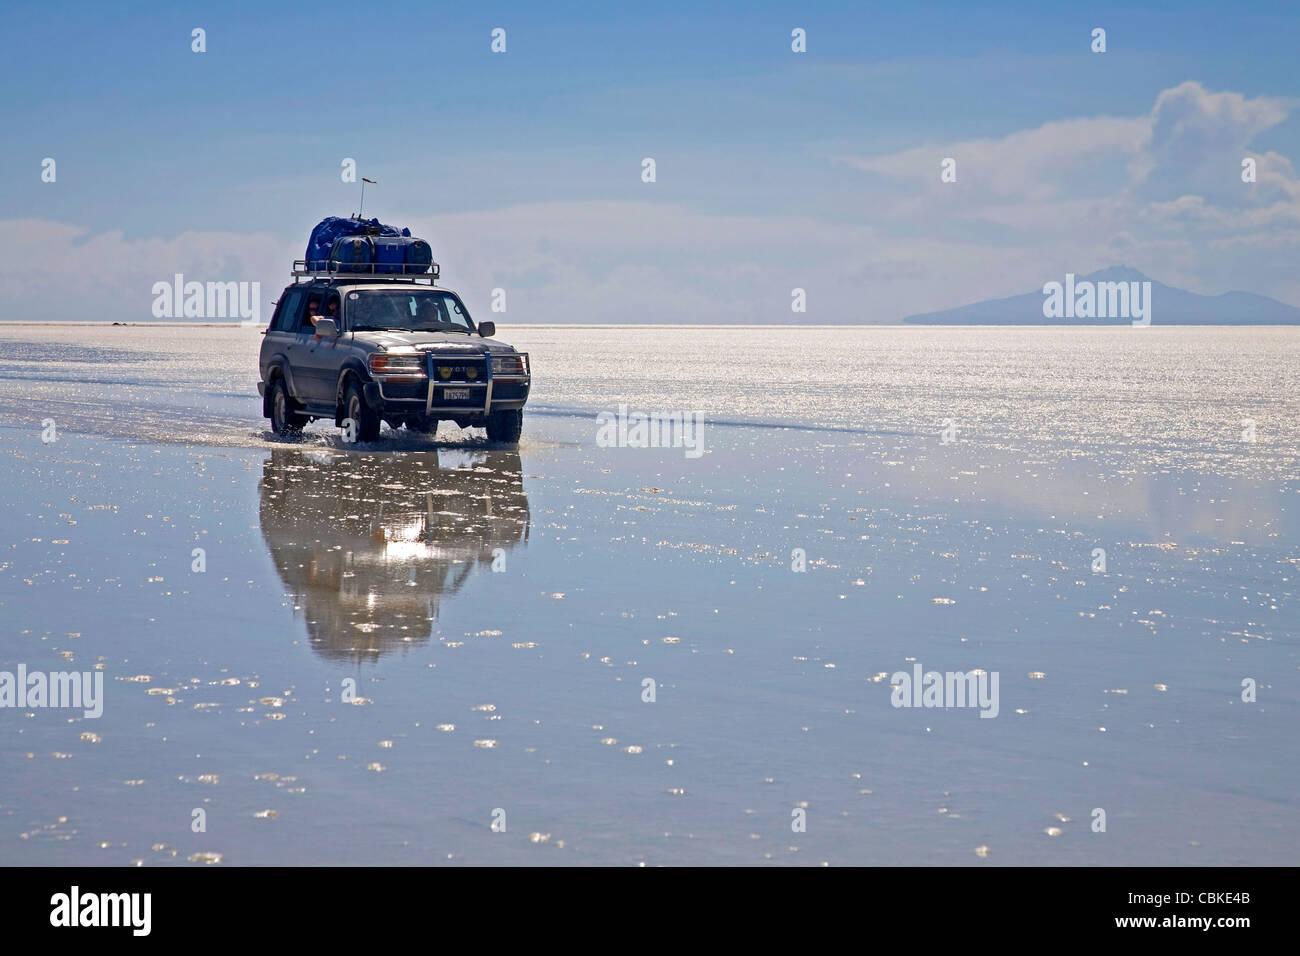 La trazione su quattro ruote a veicolo in marcia sulla distesa di sale Salar de Uyuni, Altiplano in Bolivia Immagini Stock